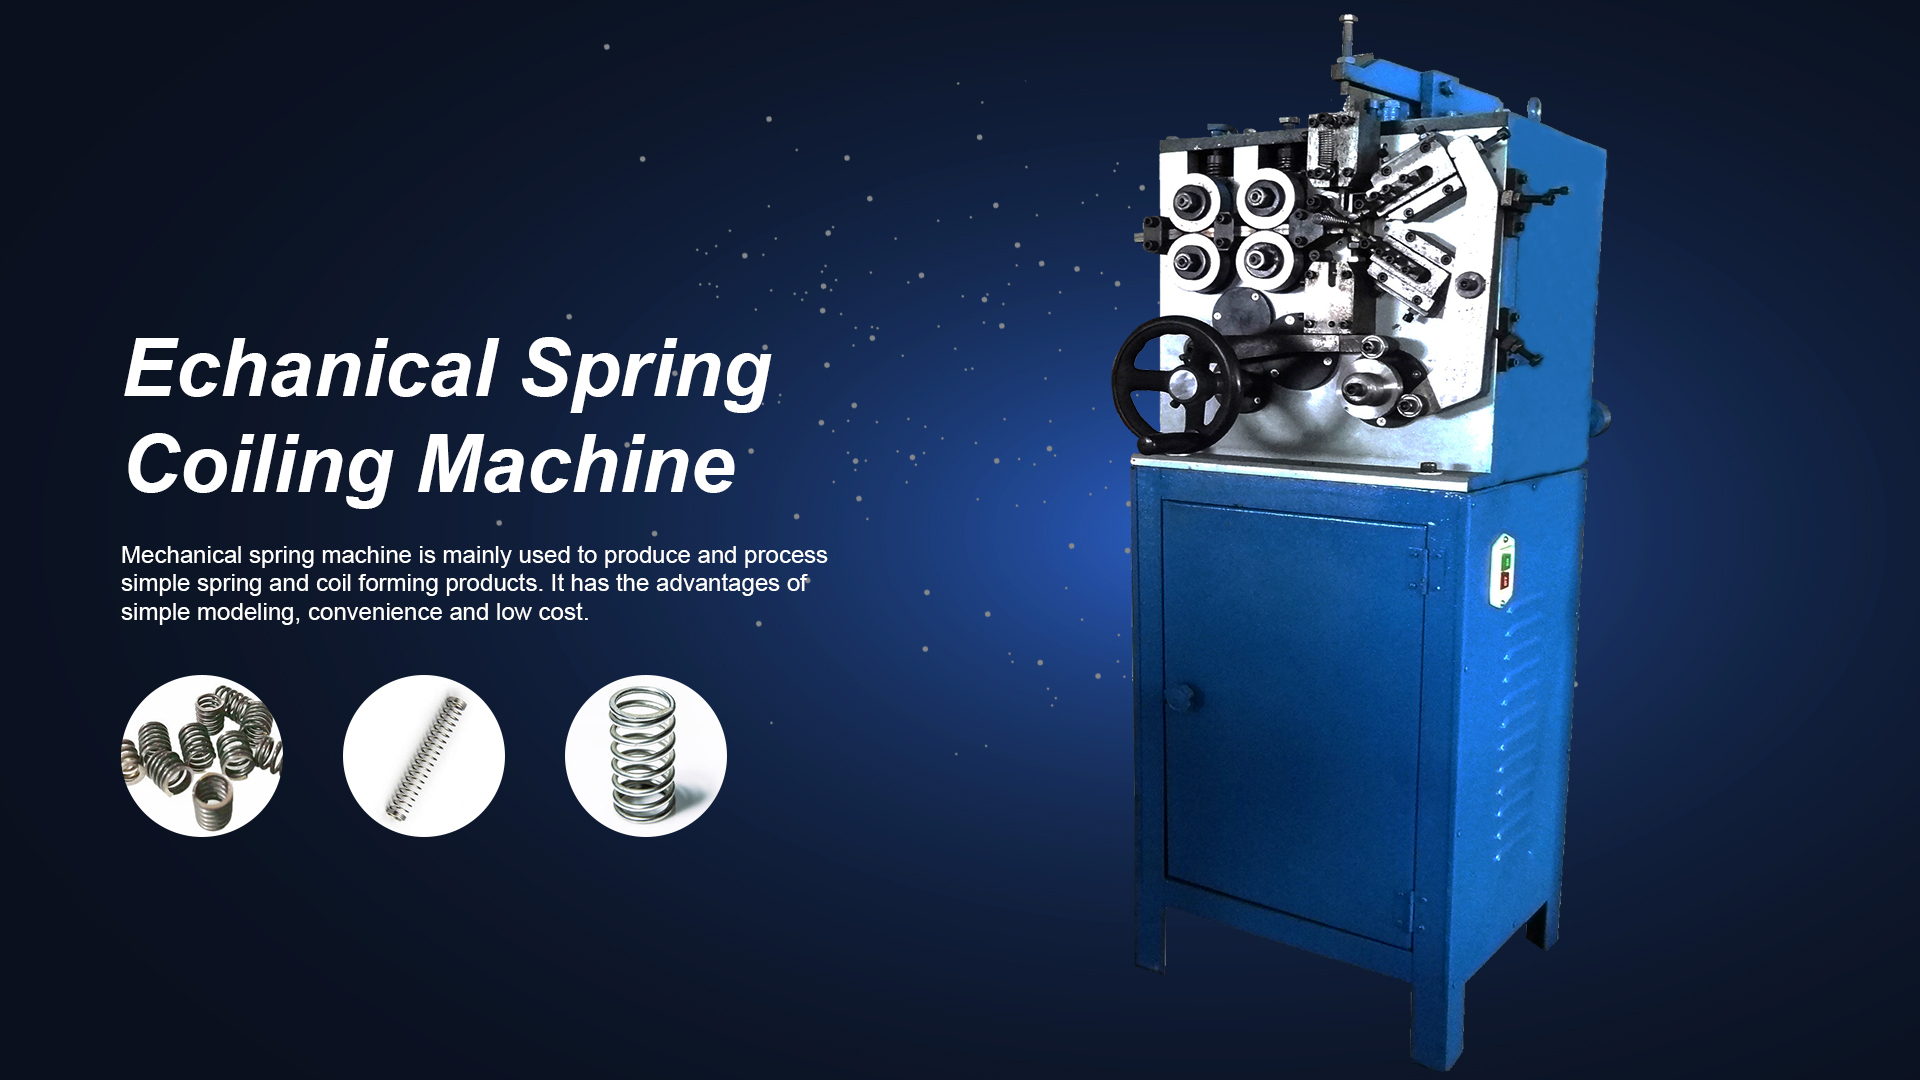 الميكانيكية الربيع آلة اللف